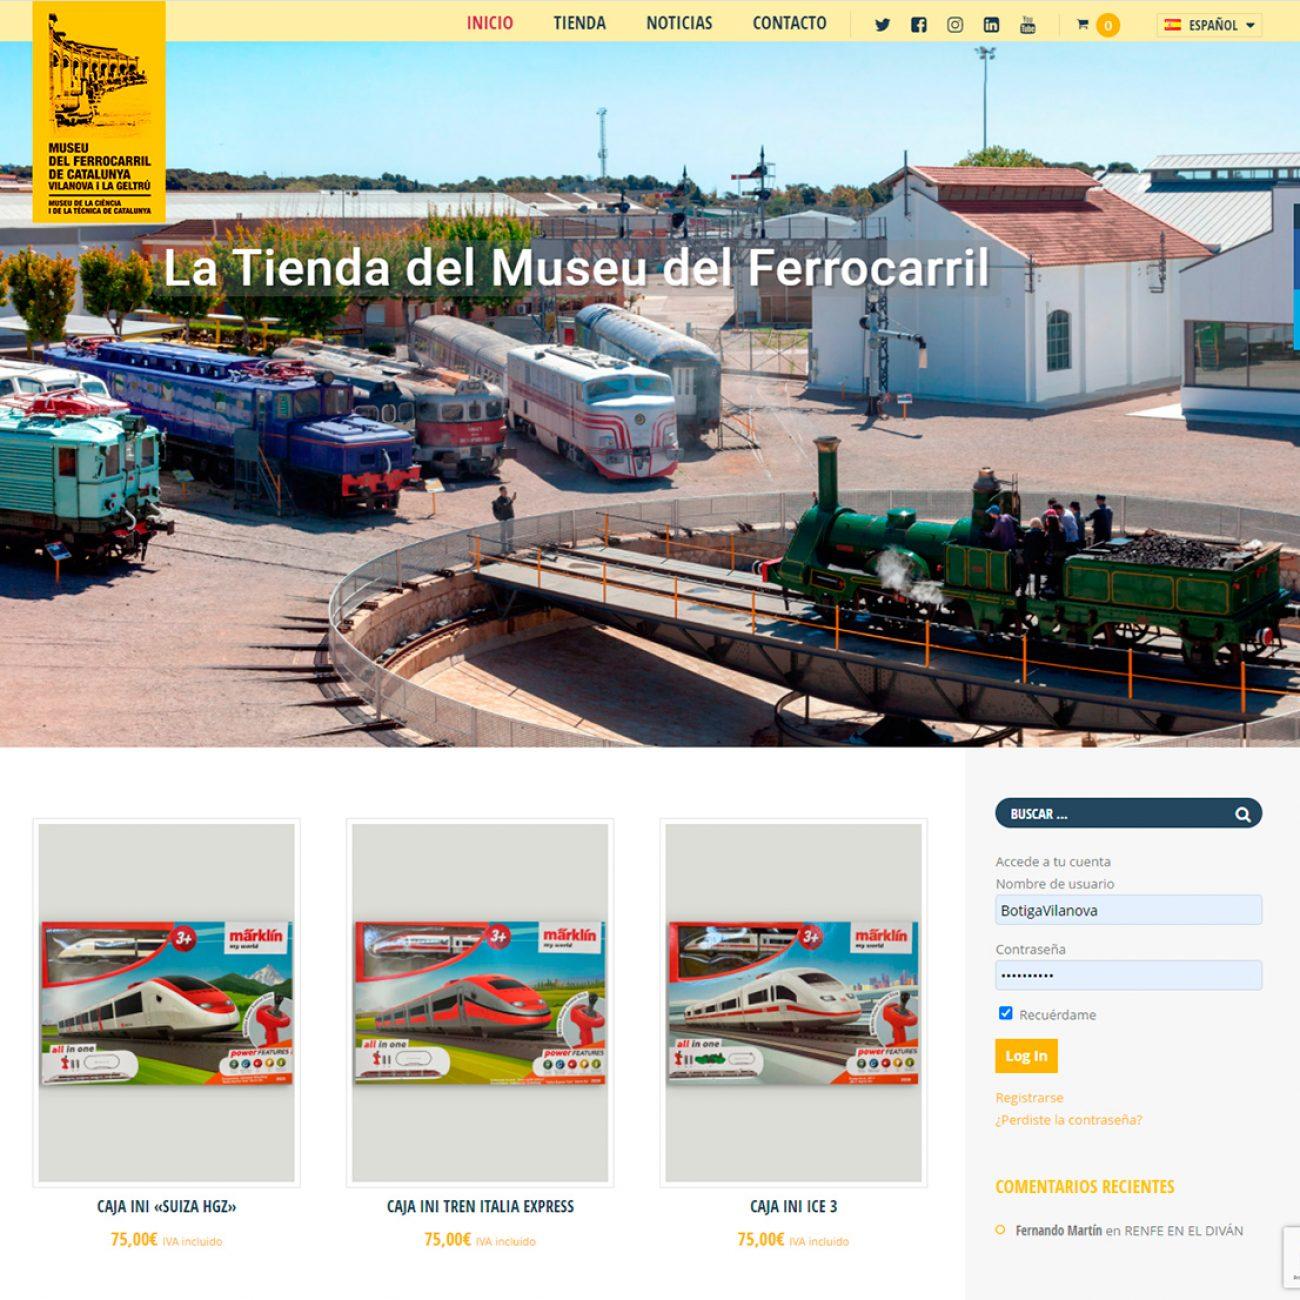 Tienda online del Museo del Ferrocarril de Cataluña.